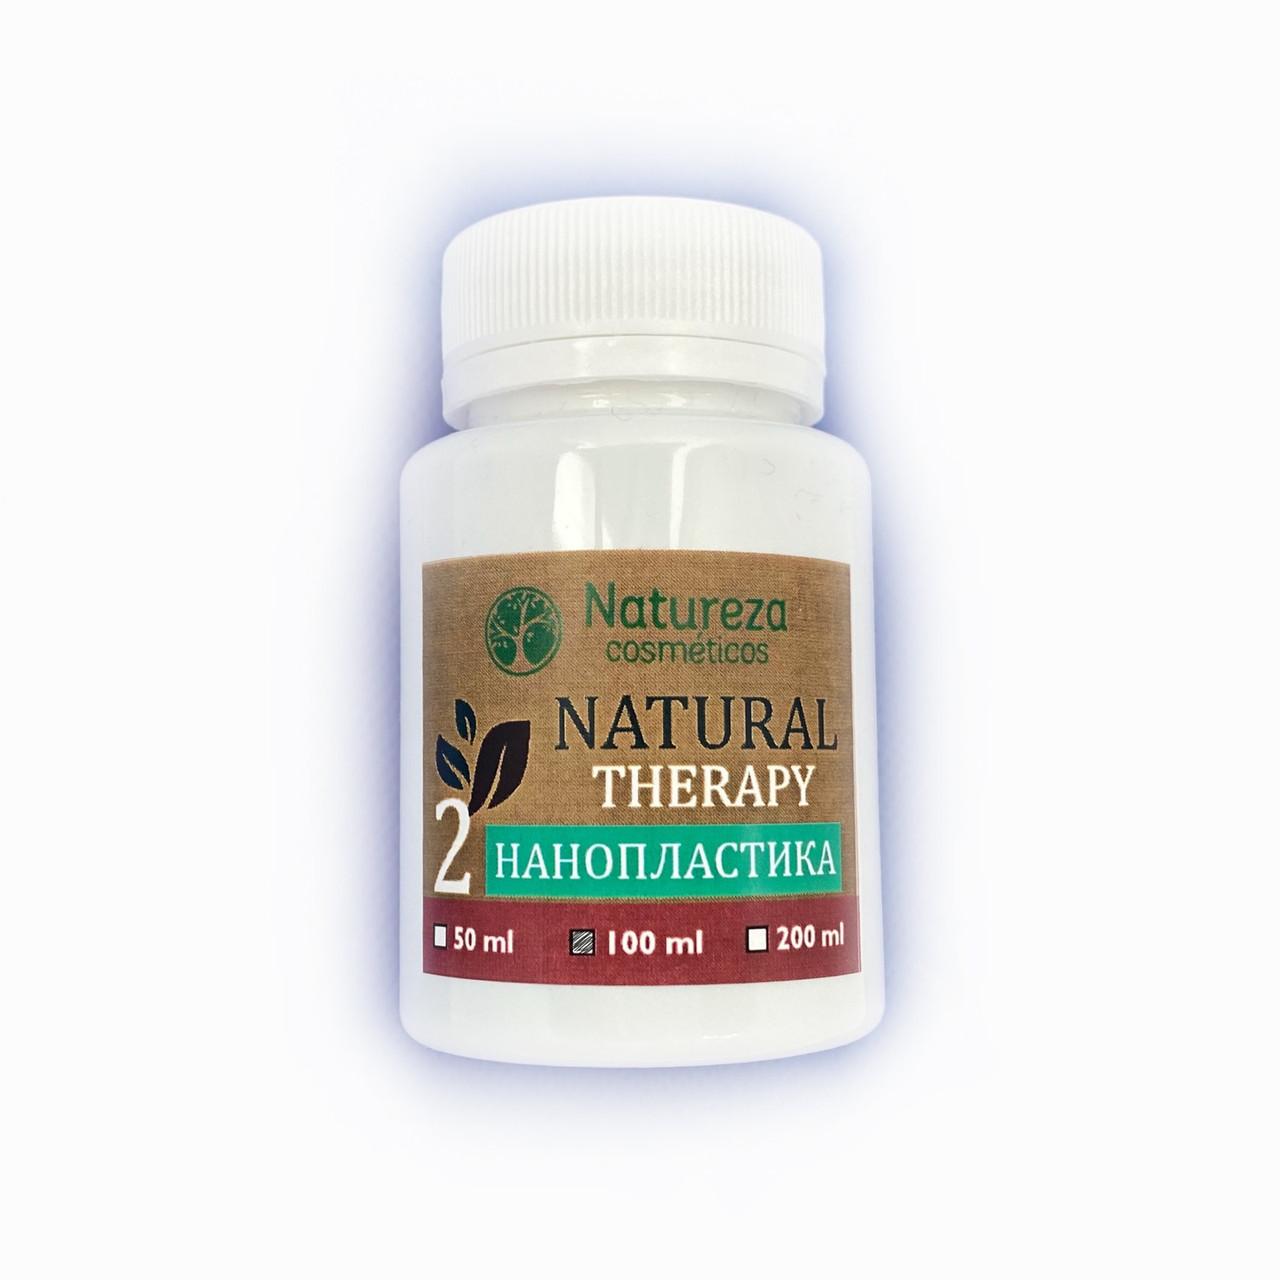 Нанопластика Natureza Natural Therapy Escova de Biotina, 100 мл